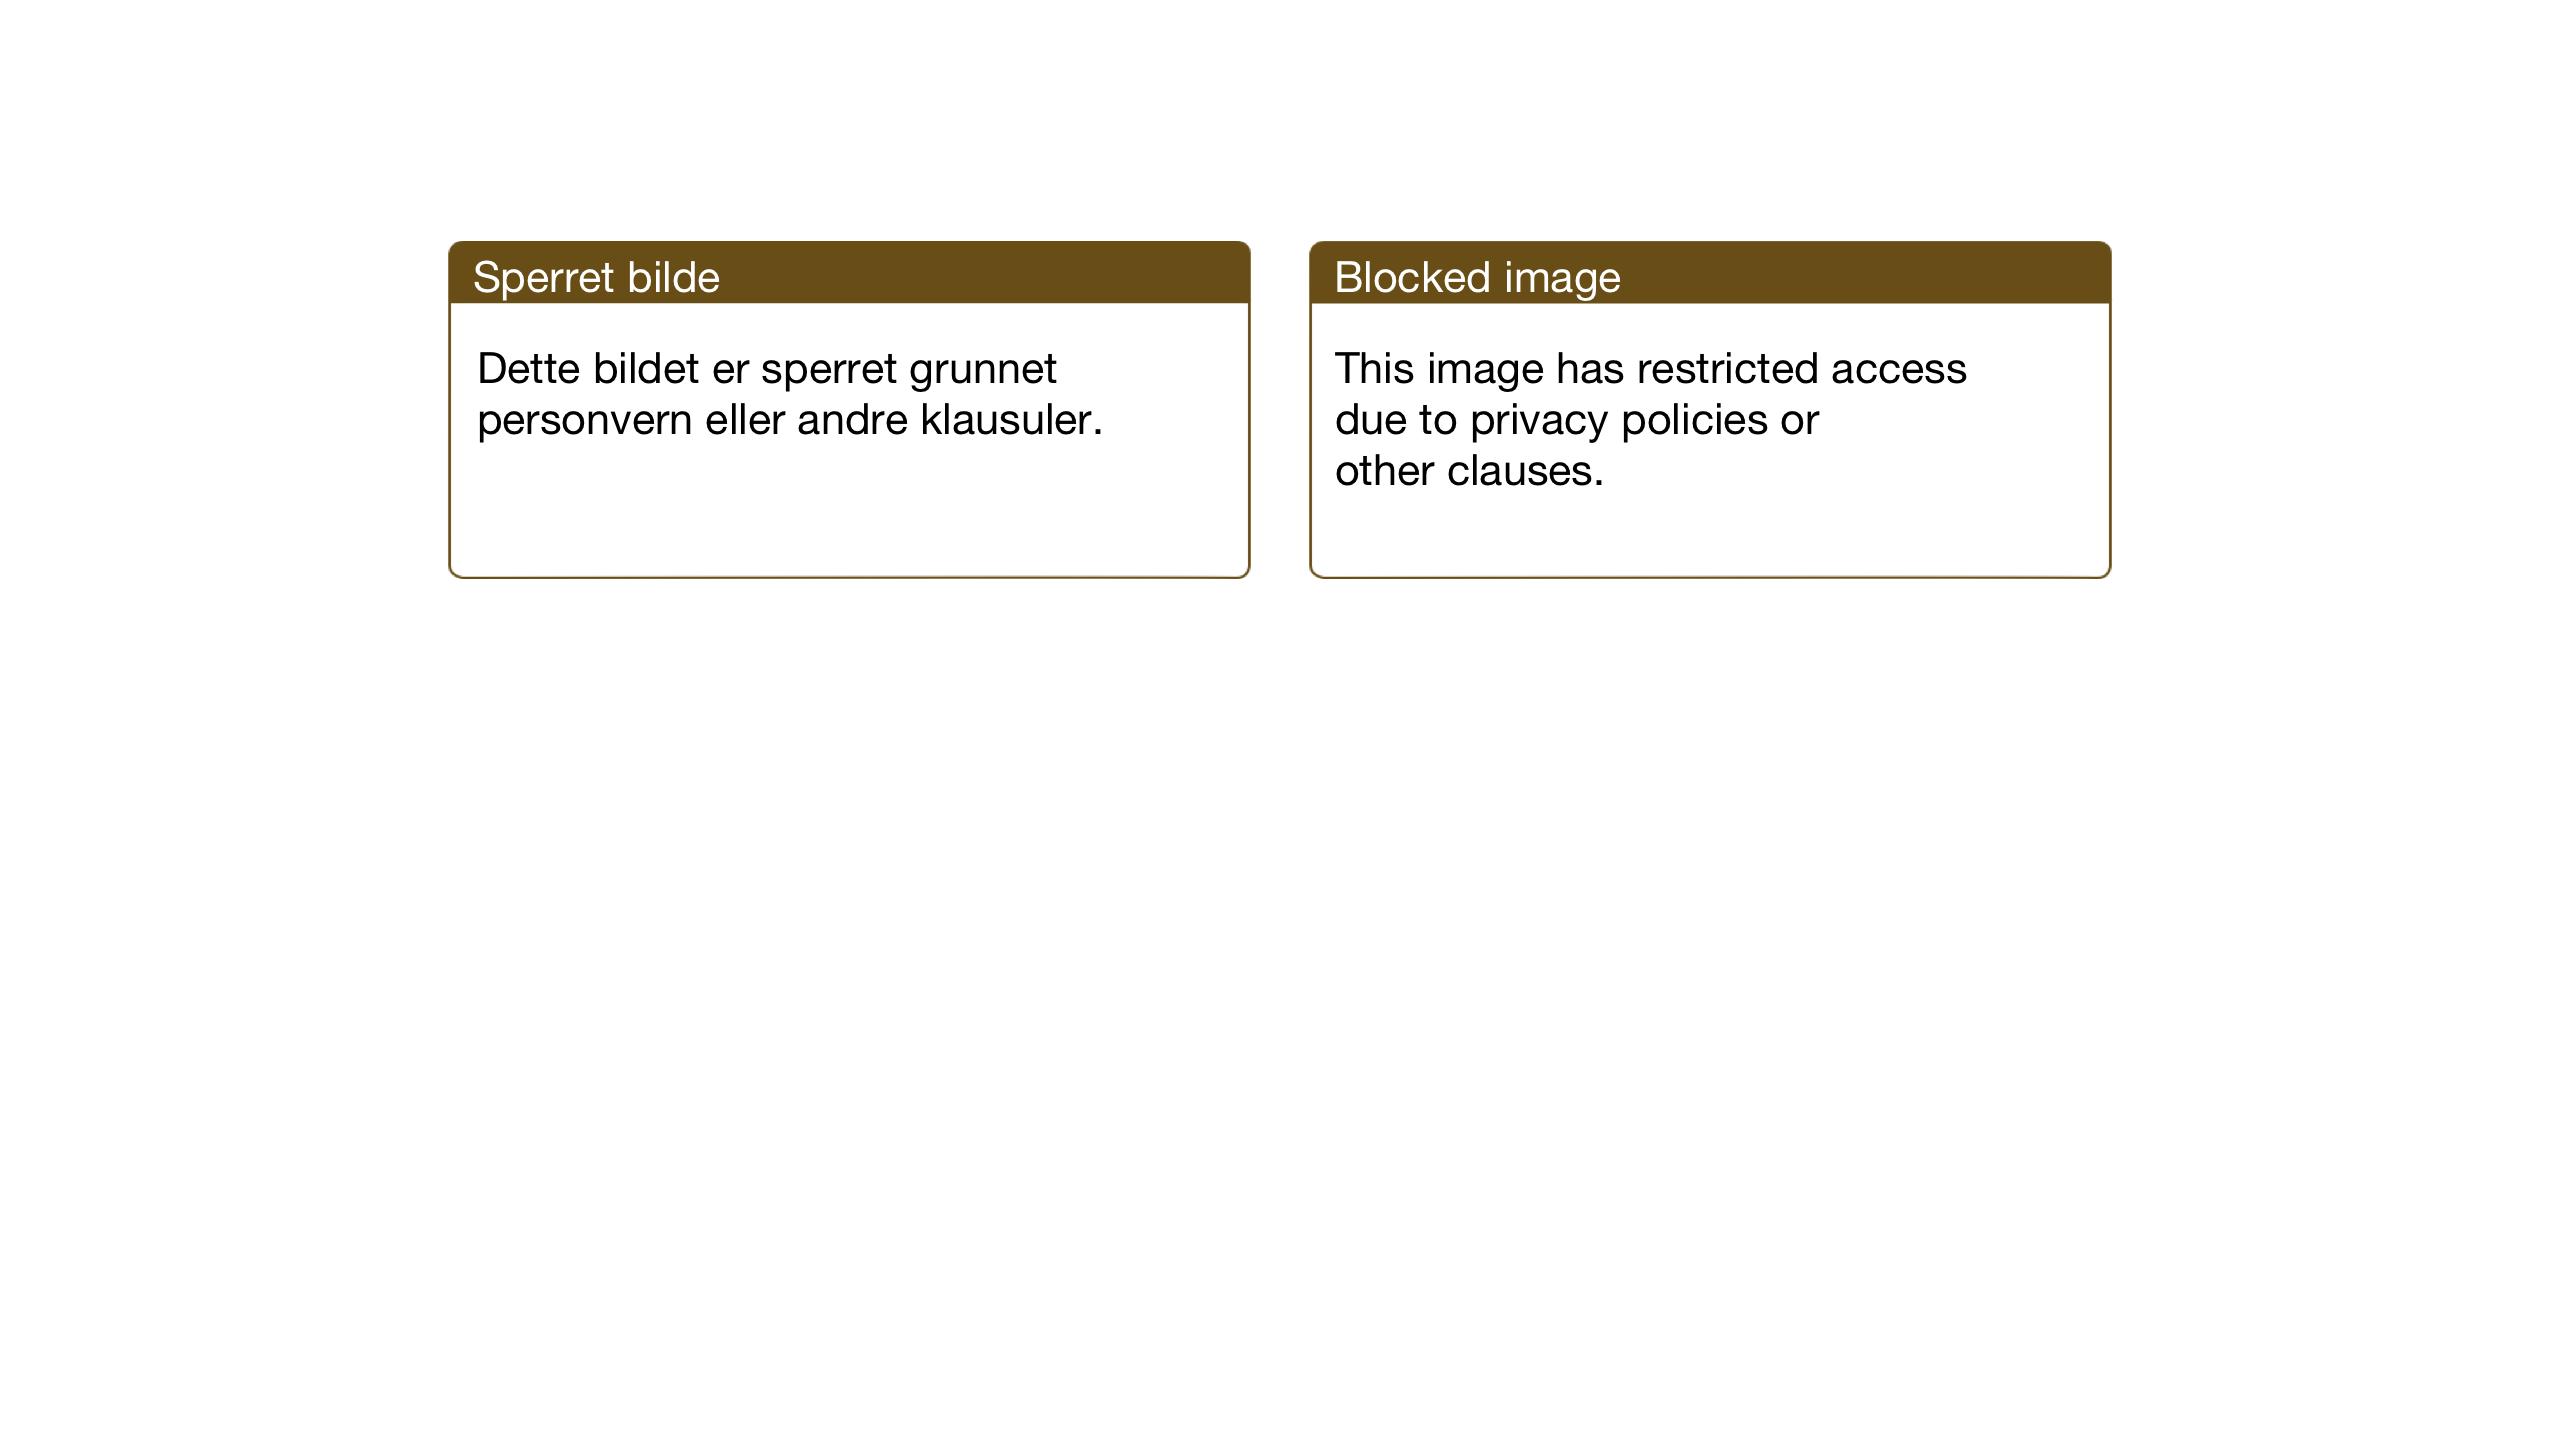 SAT, Ministerialprotokoller, klokkerbøker og fødselsregistre - Sør-Trøndelag, 670/L0837: Klokkerbok nr. 670C01, 1905-1946, s. 136-137